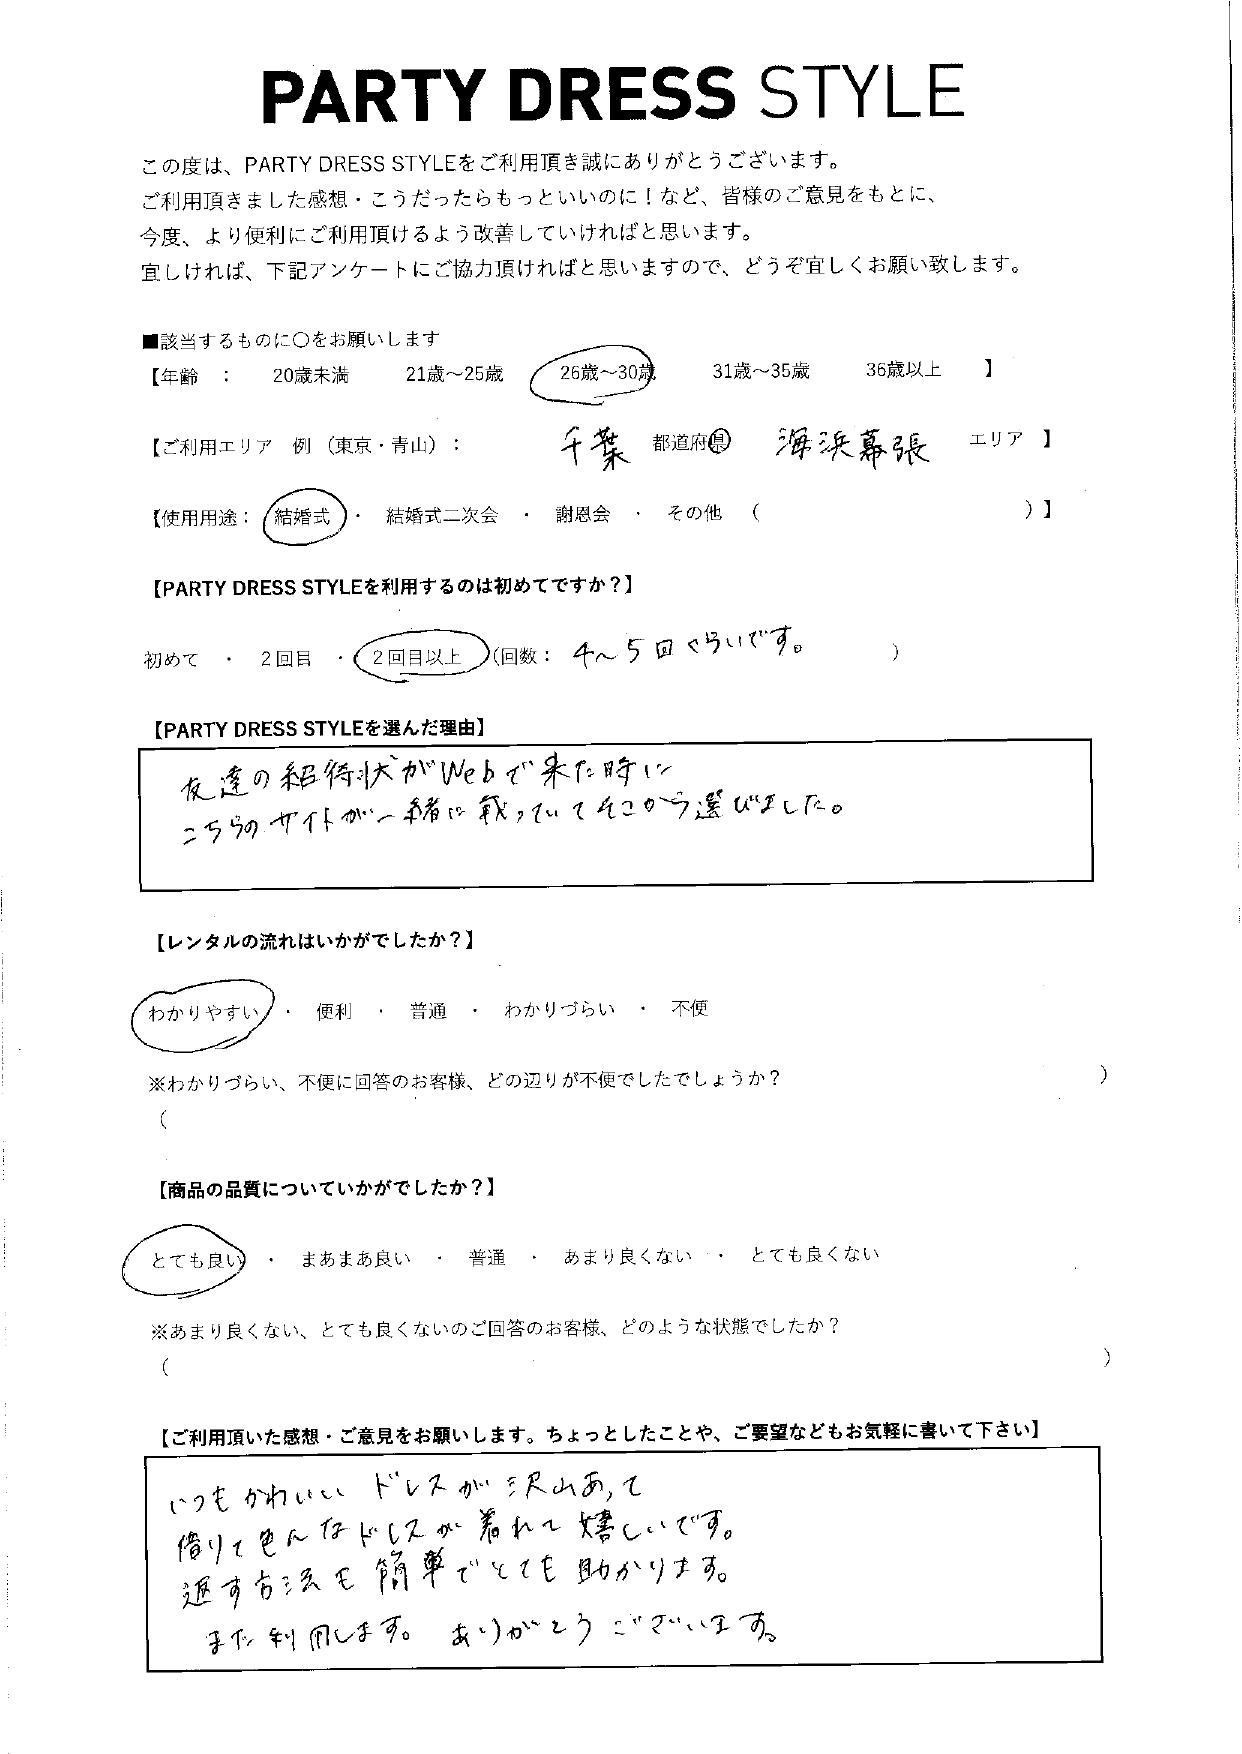 11/21結婚式ご利用 千葉・海浜幕張エリア